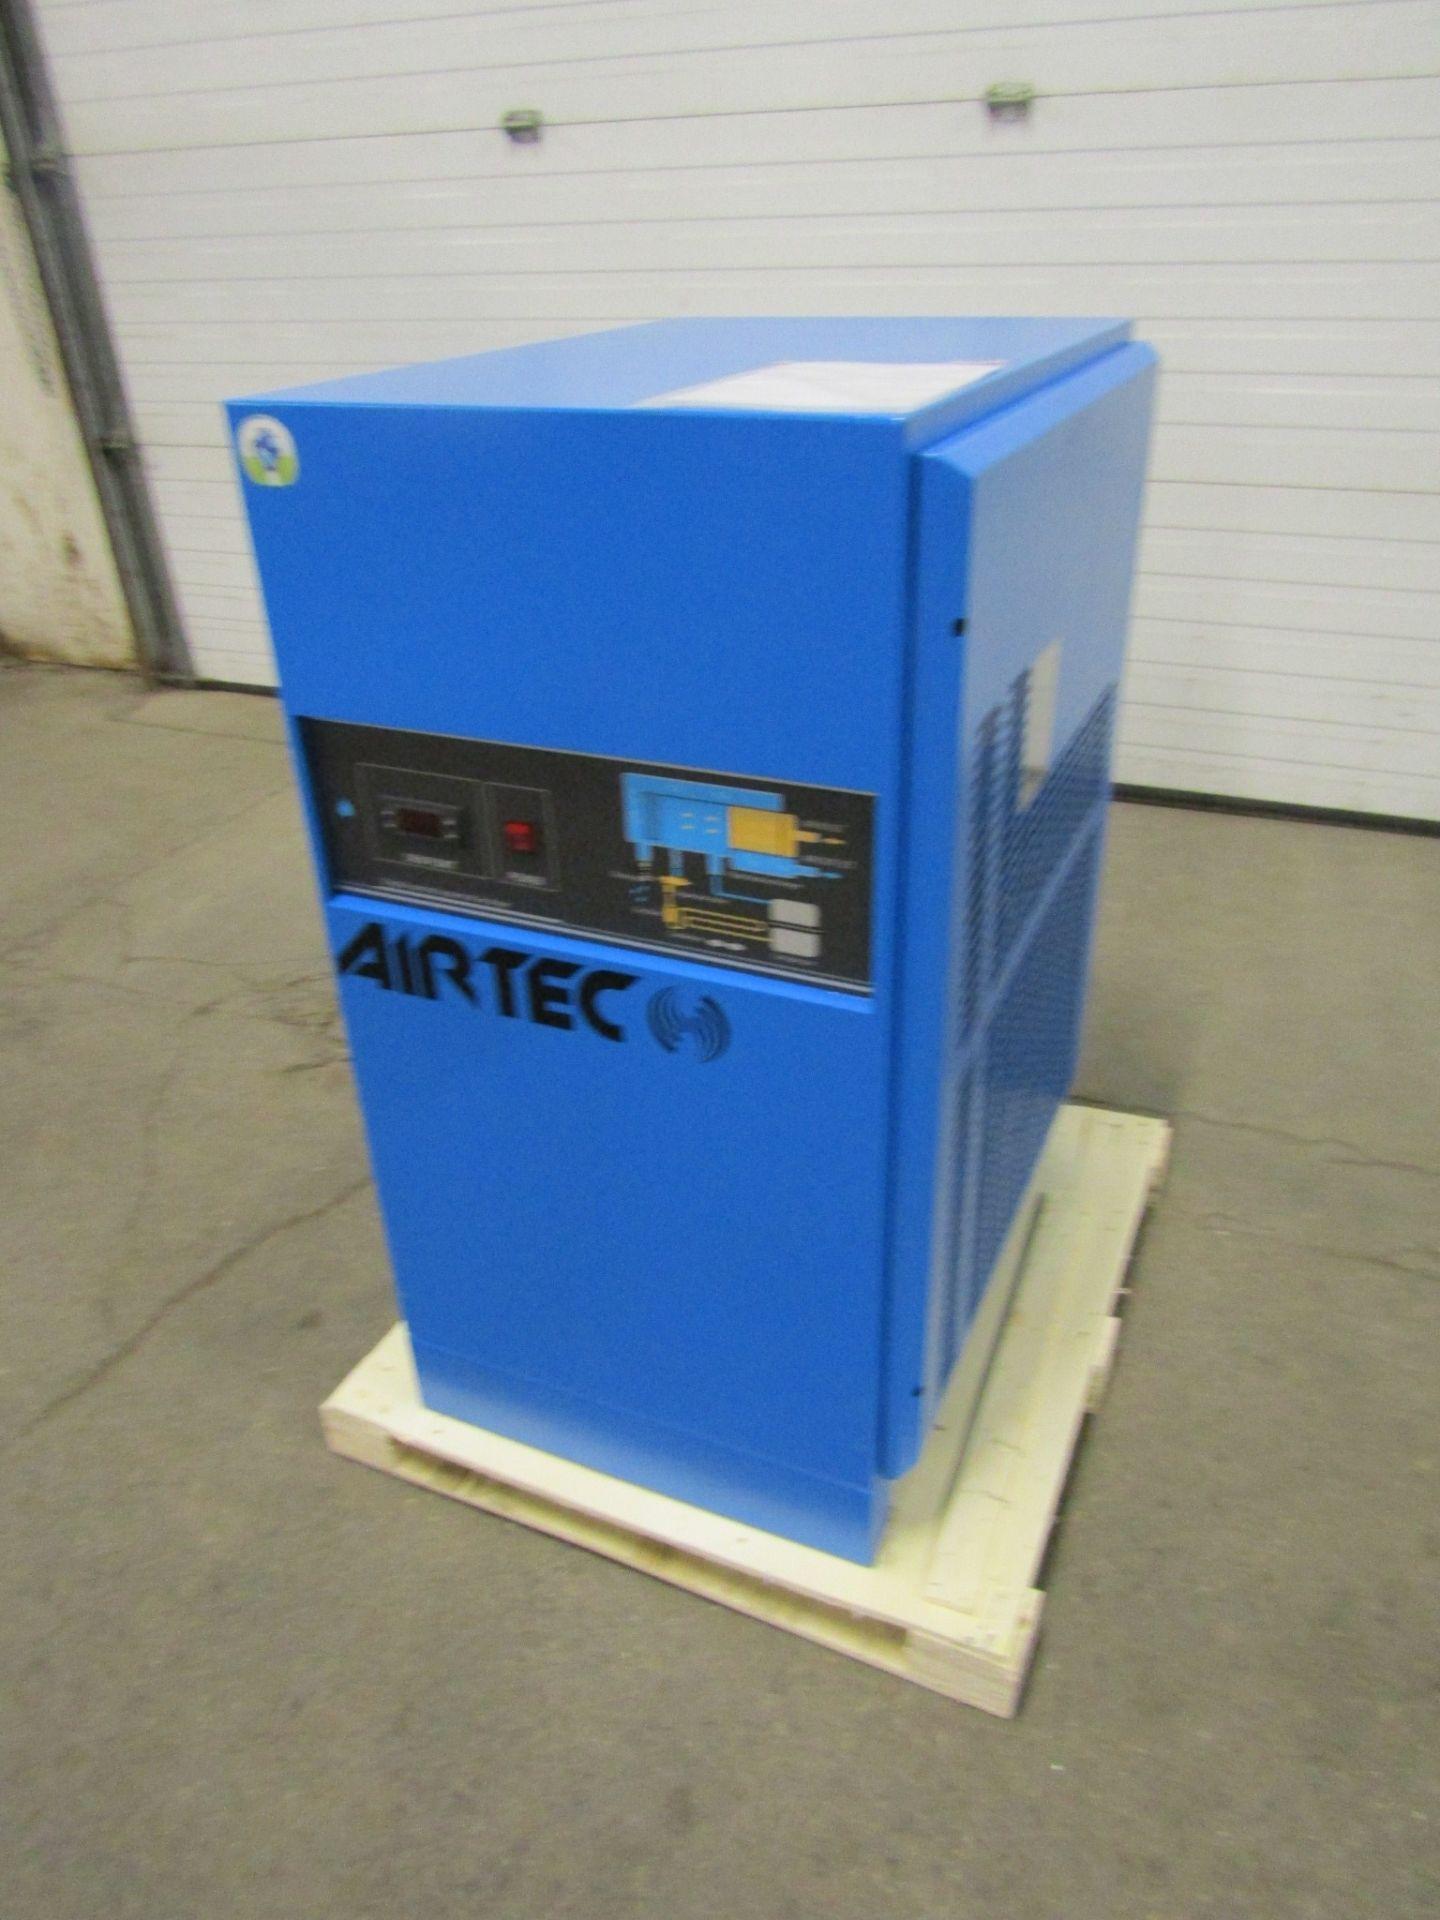 MINT Airtec Compressed Air Dryer 229 CFM Unused new unit